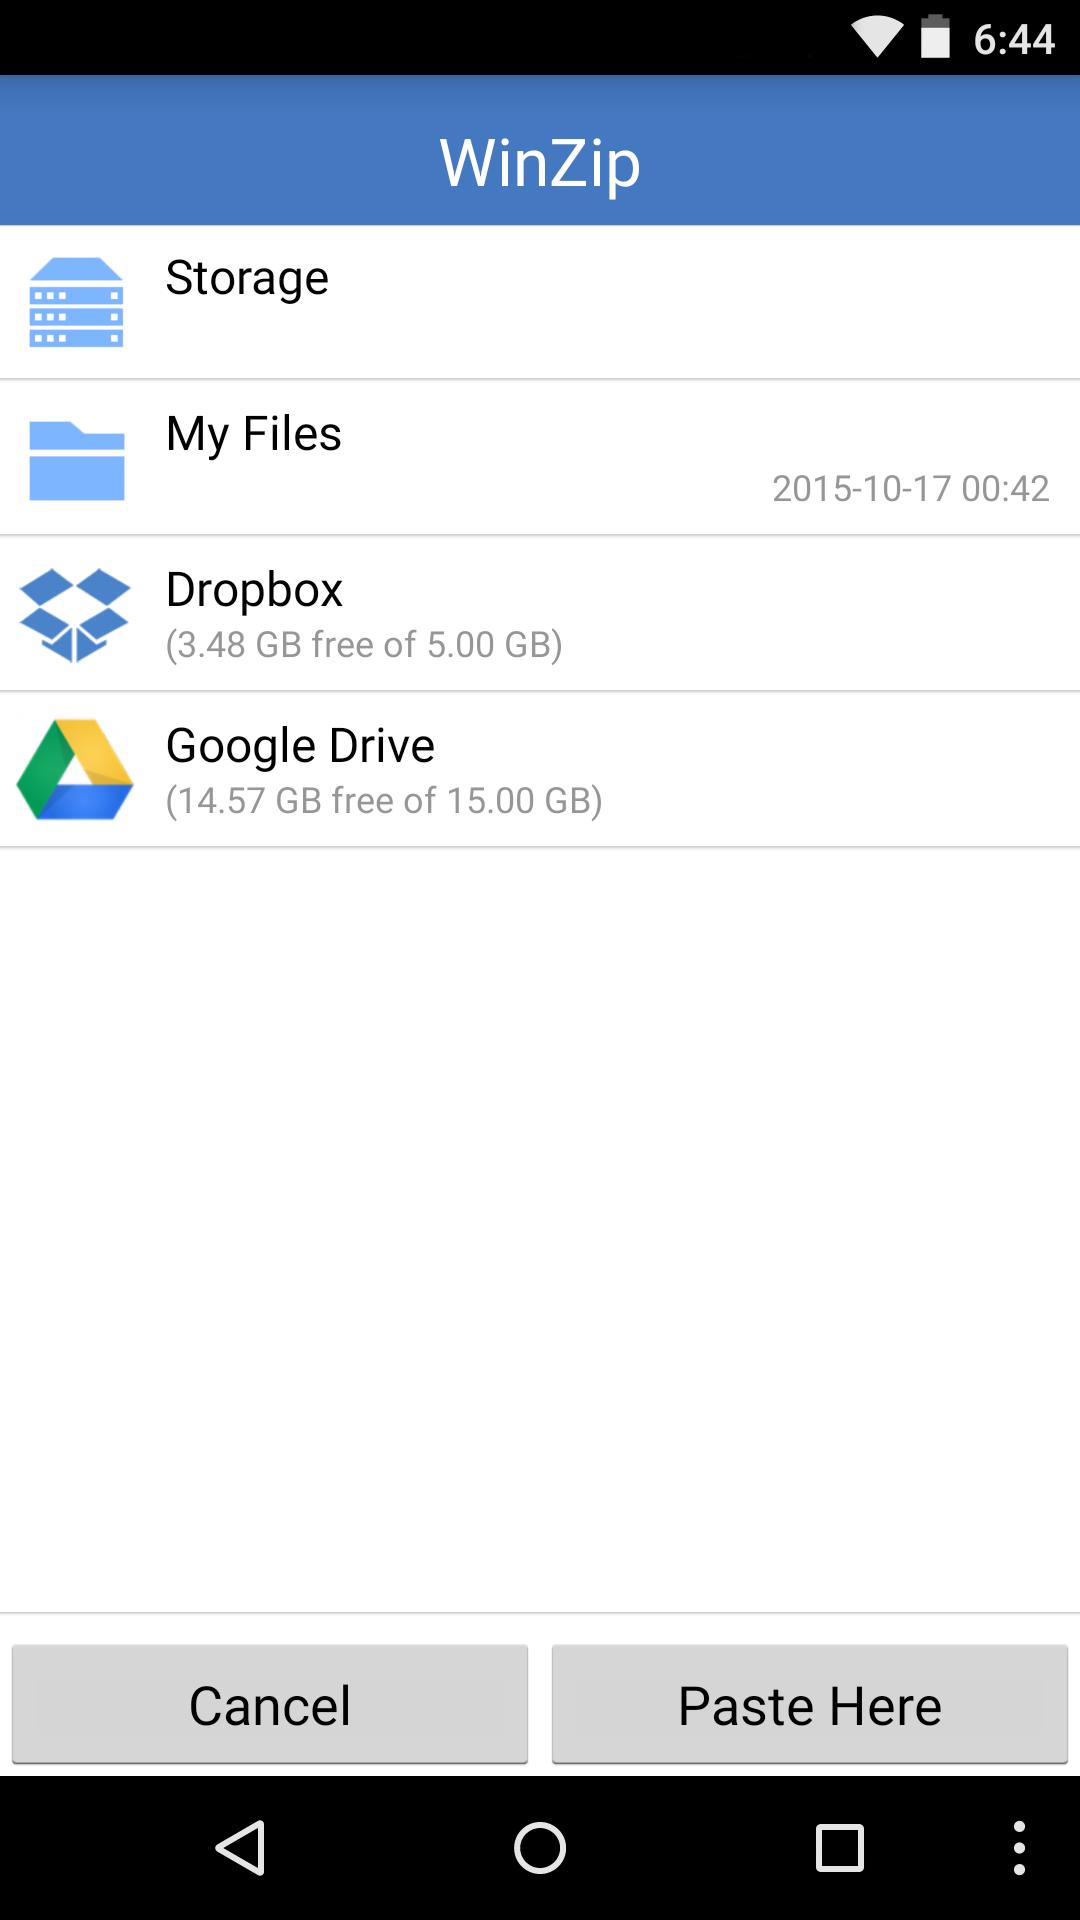 WinZip - Zip UnZip Tool  Easily Open Zip Files - Import It All